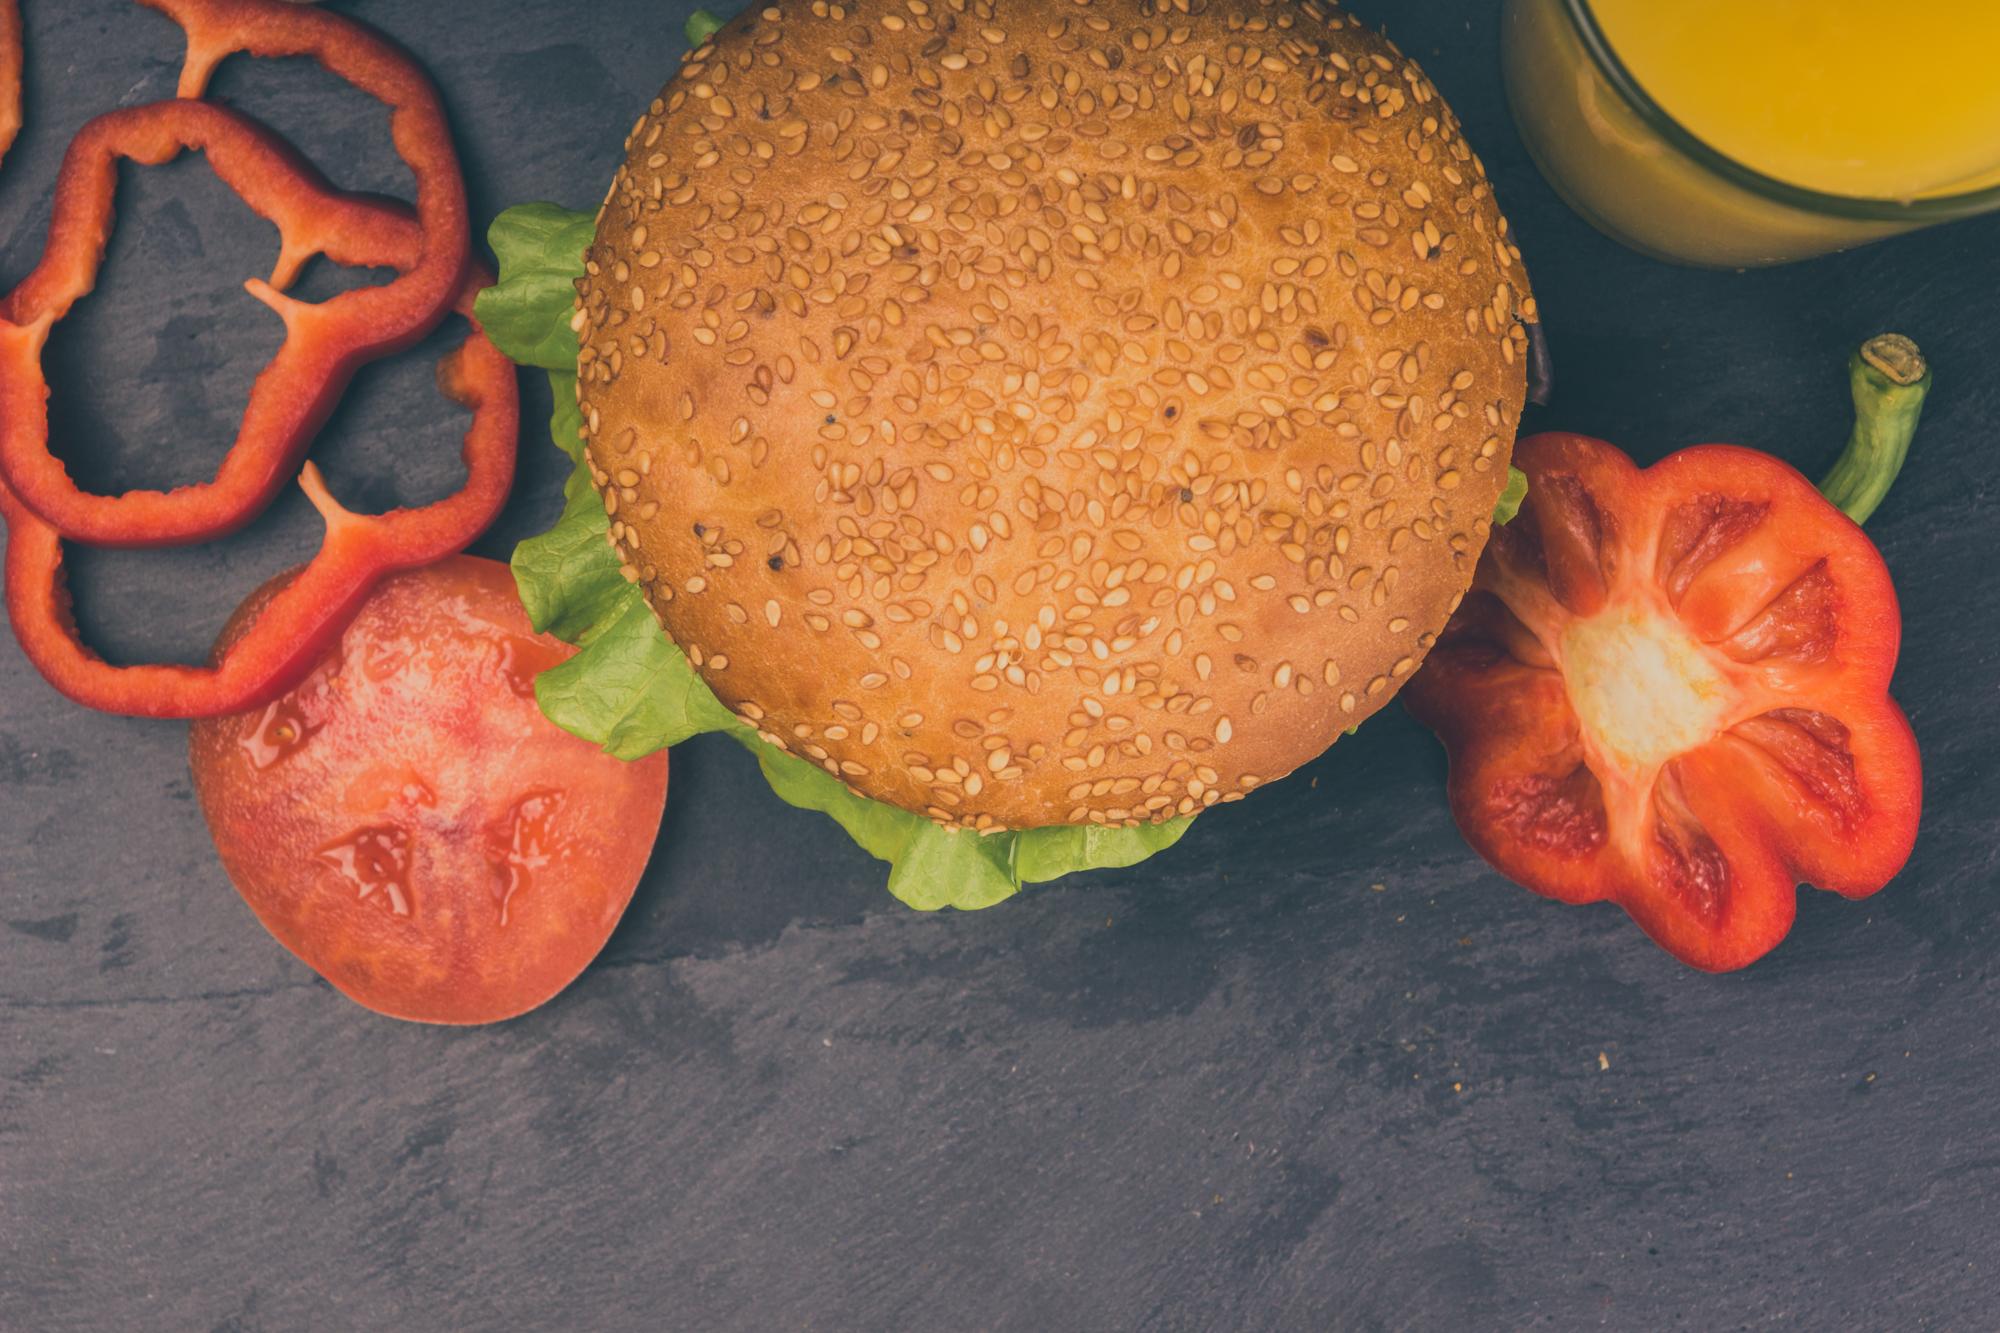 гамбургер на темном фоне, вид сверху